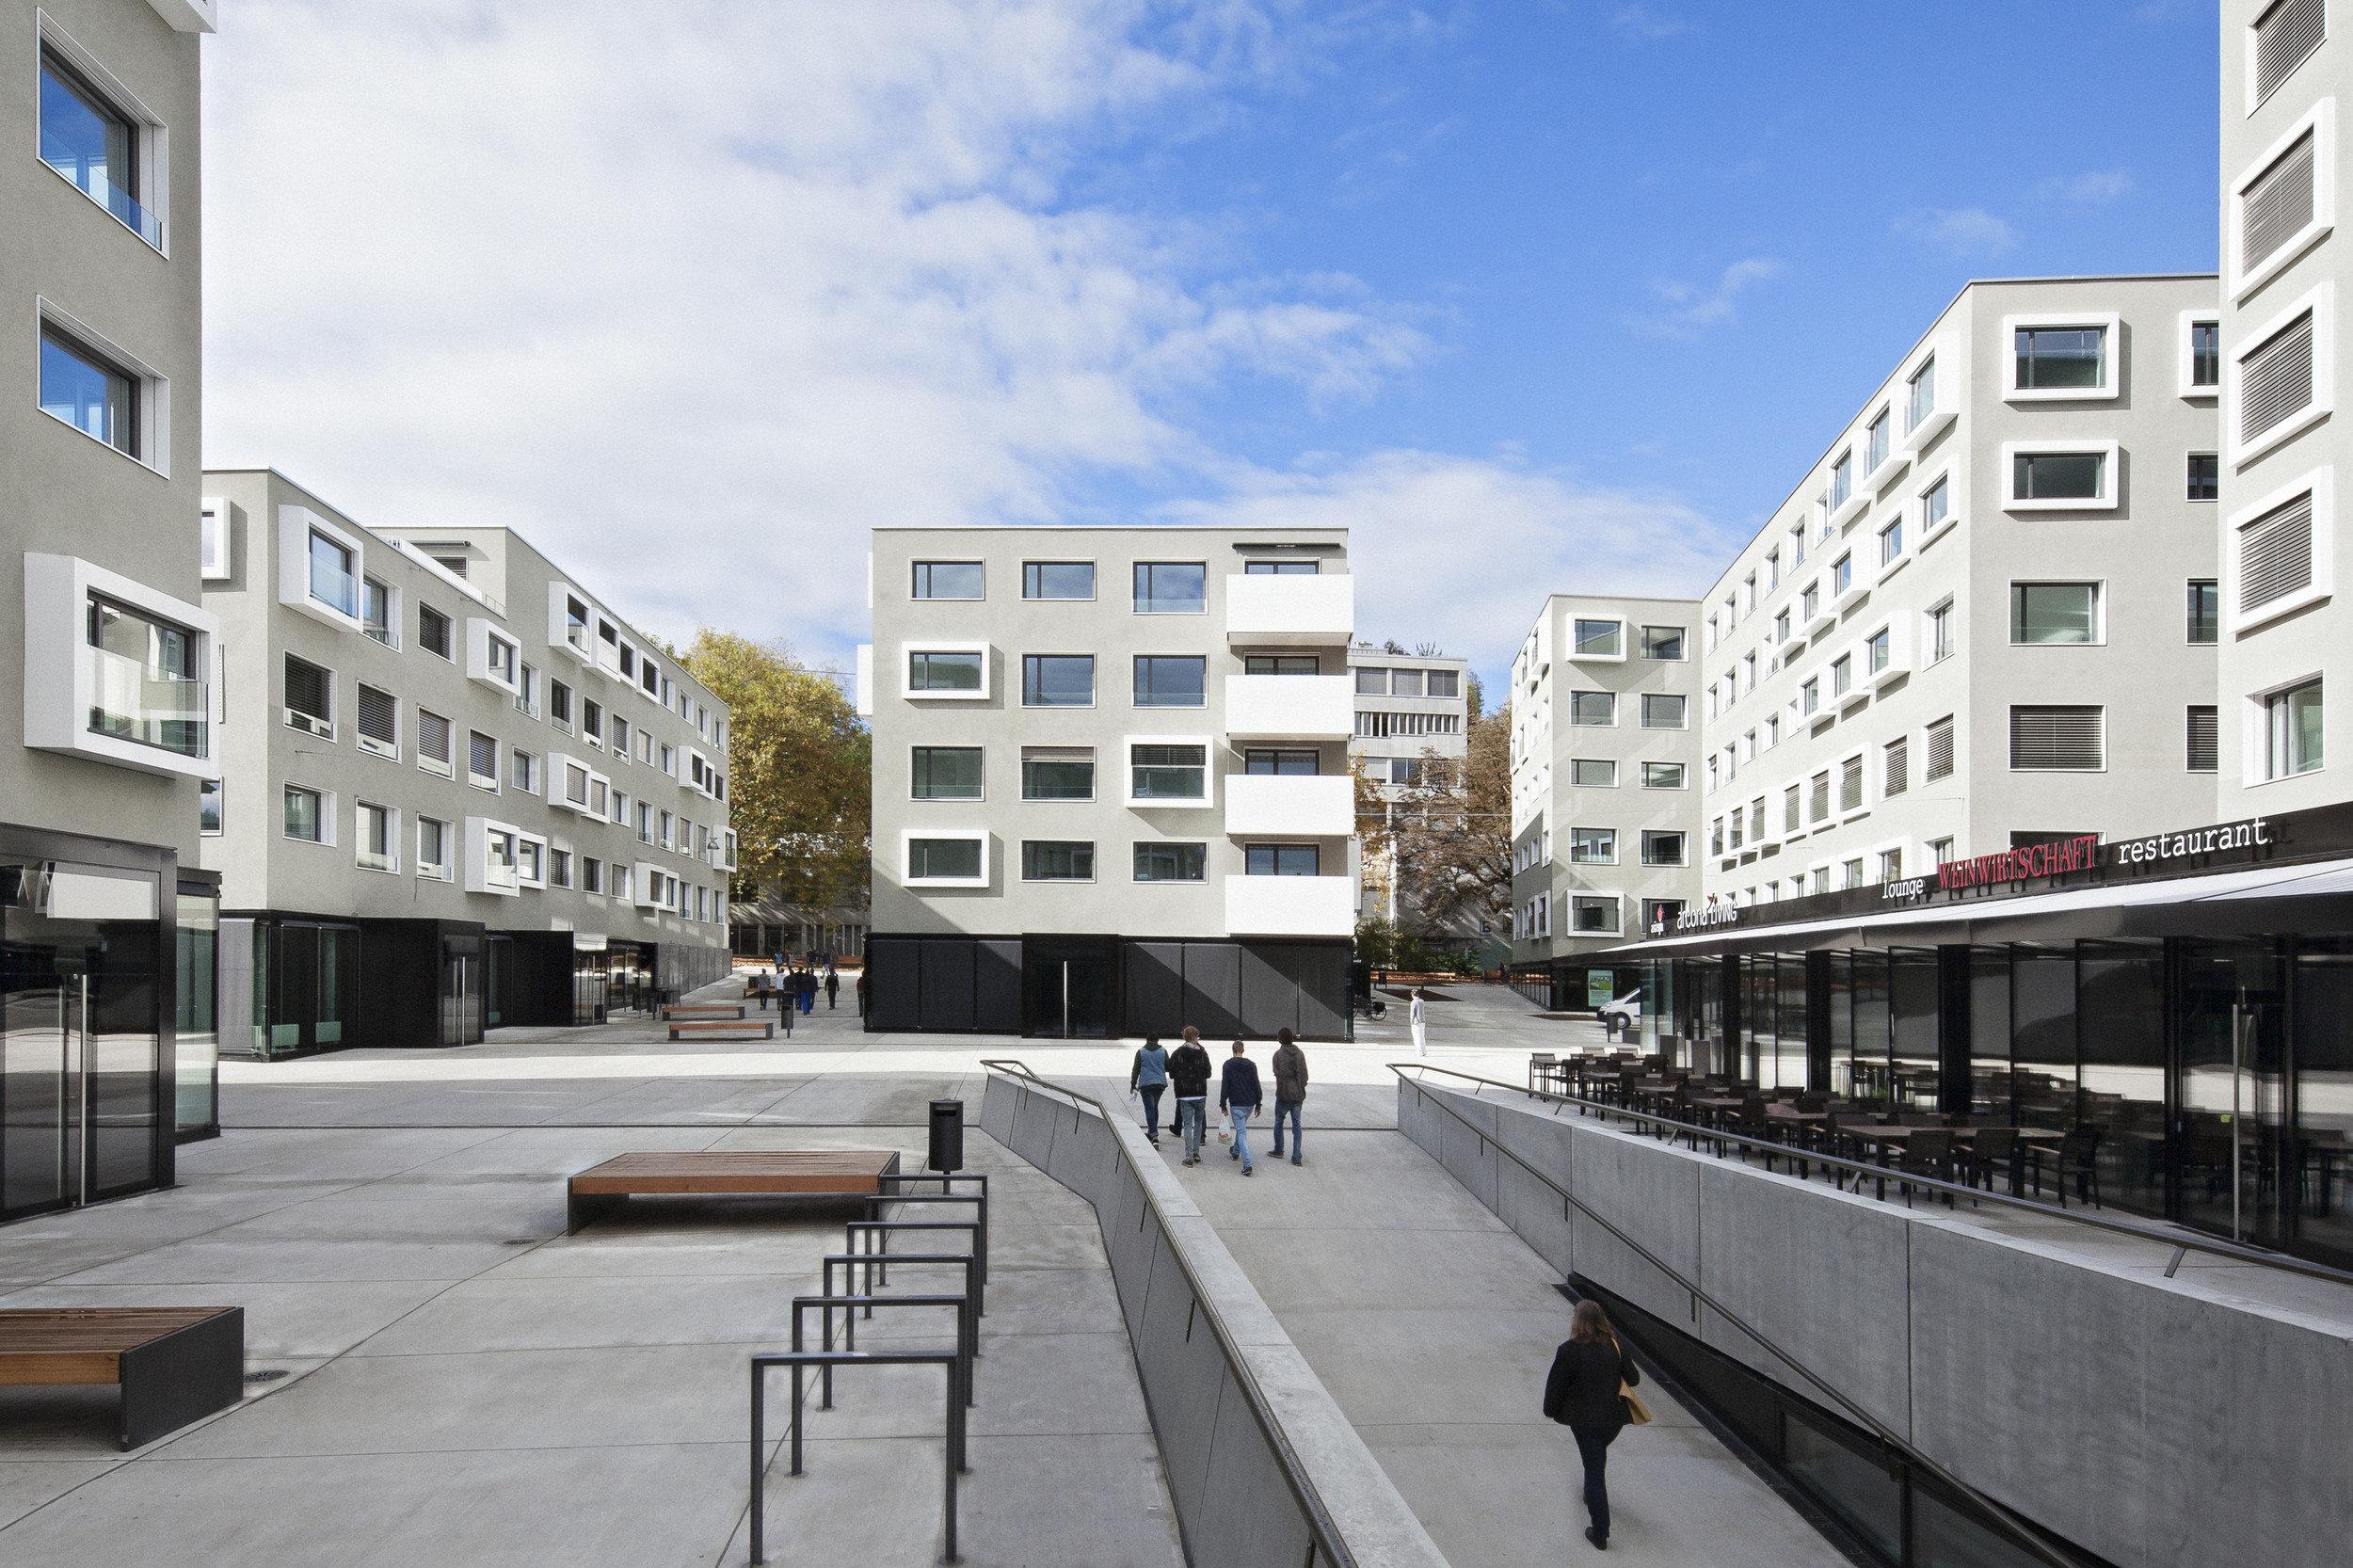 Wohnparkareal mit erhöhter Schallschutzanforderung